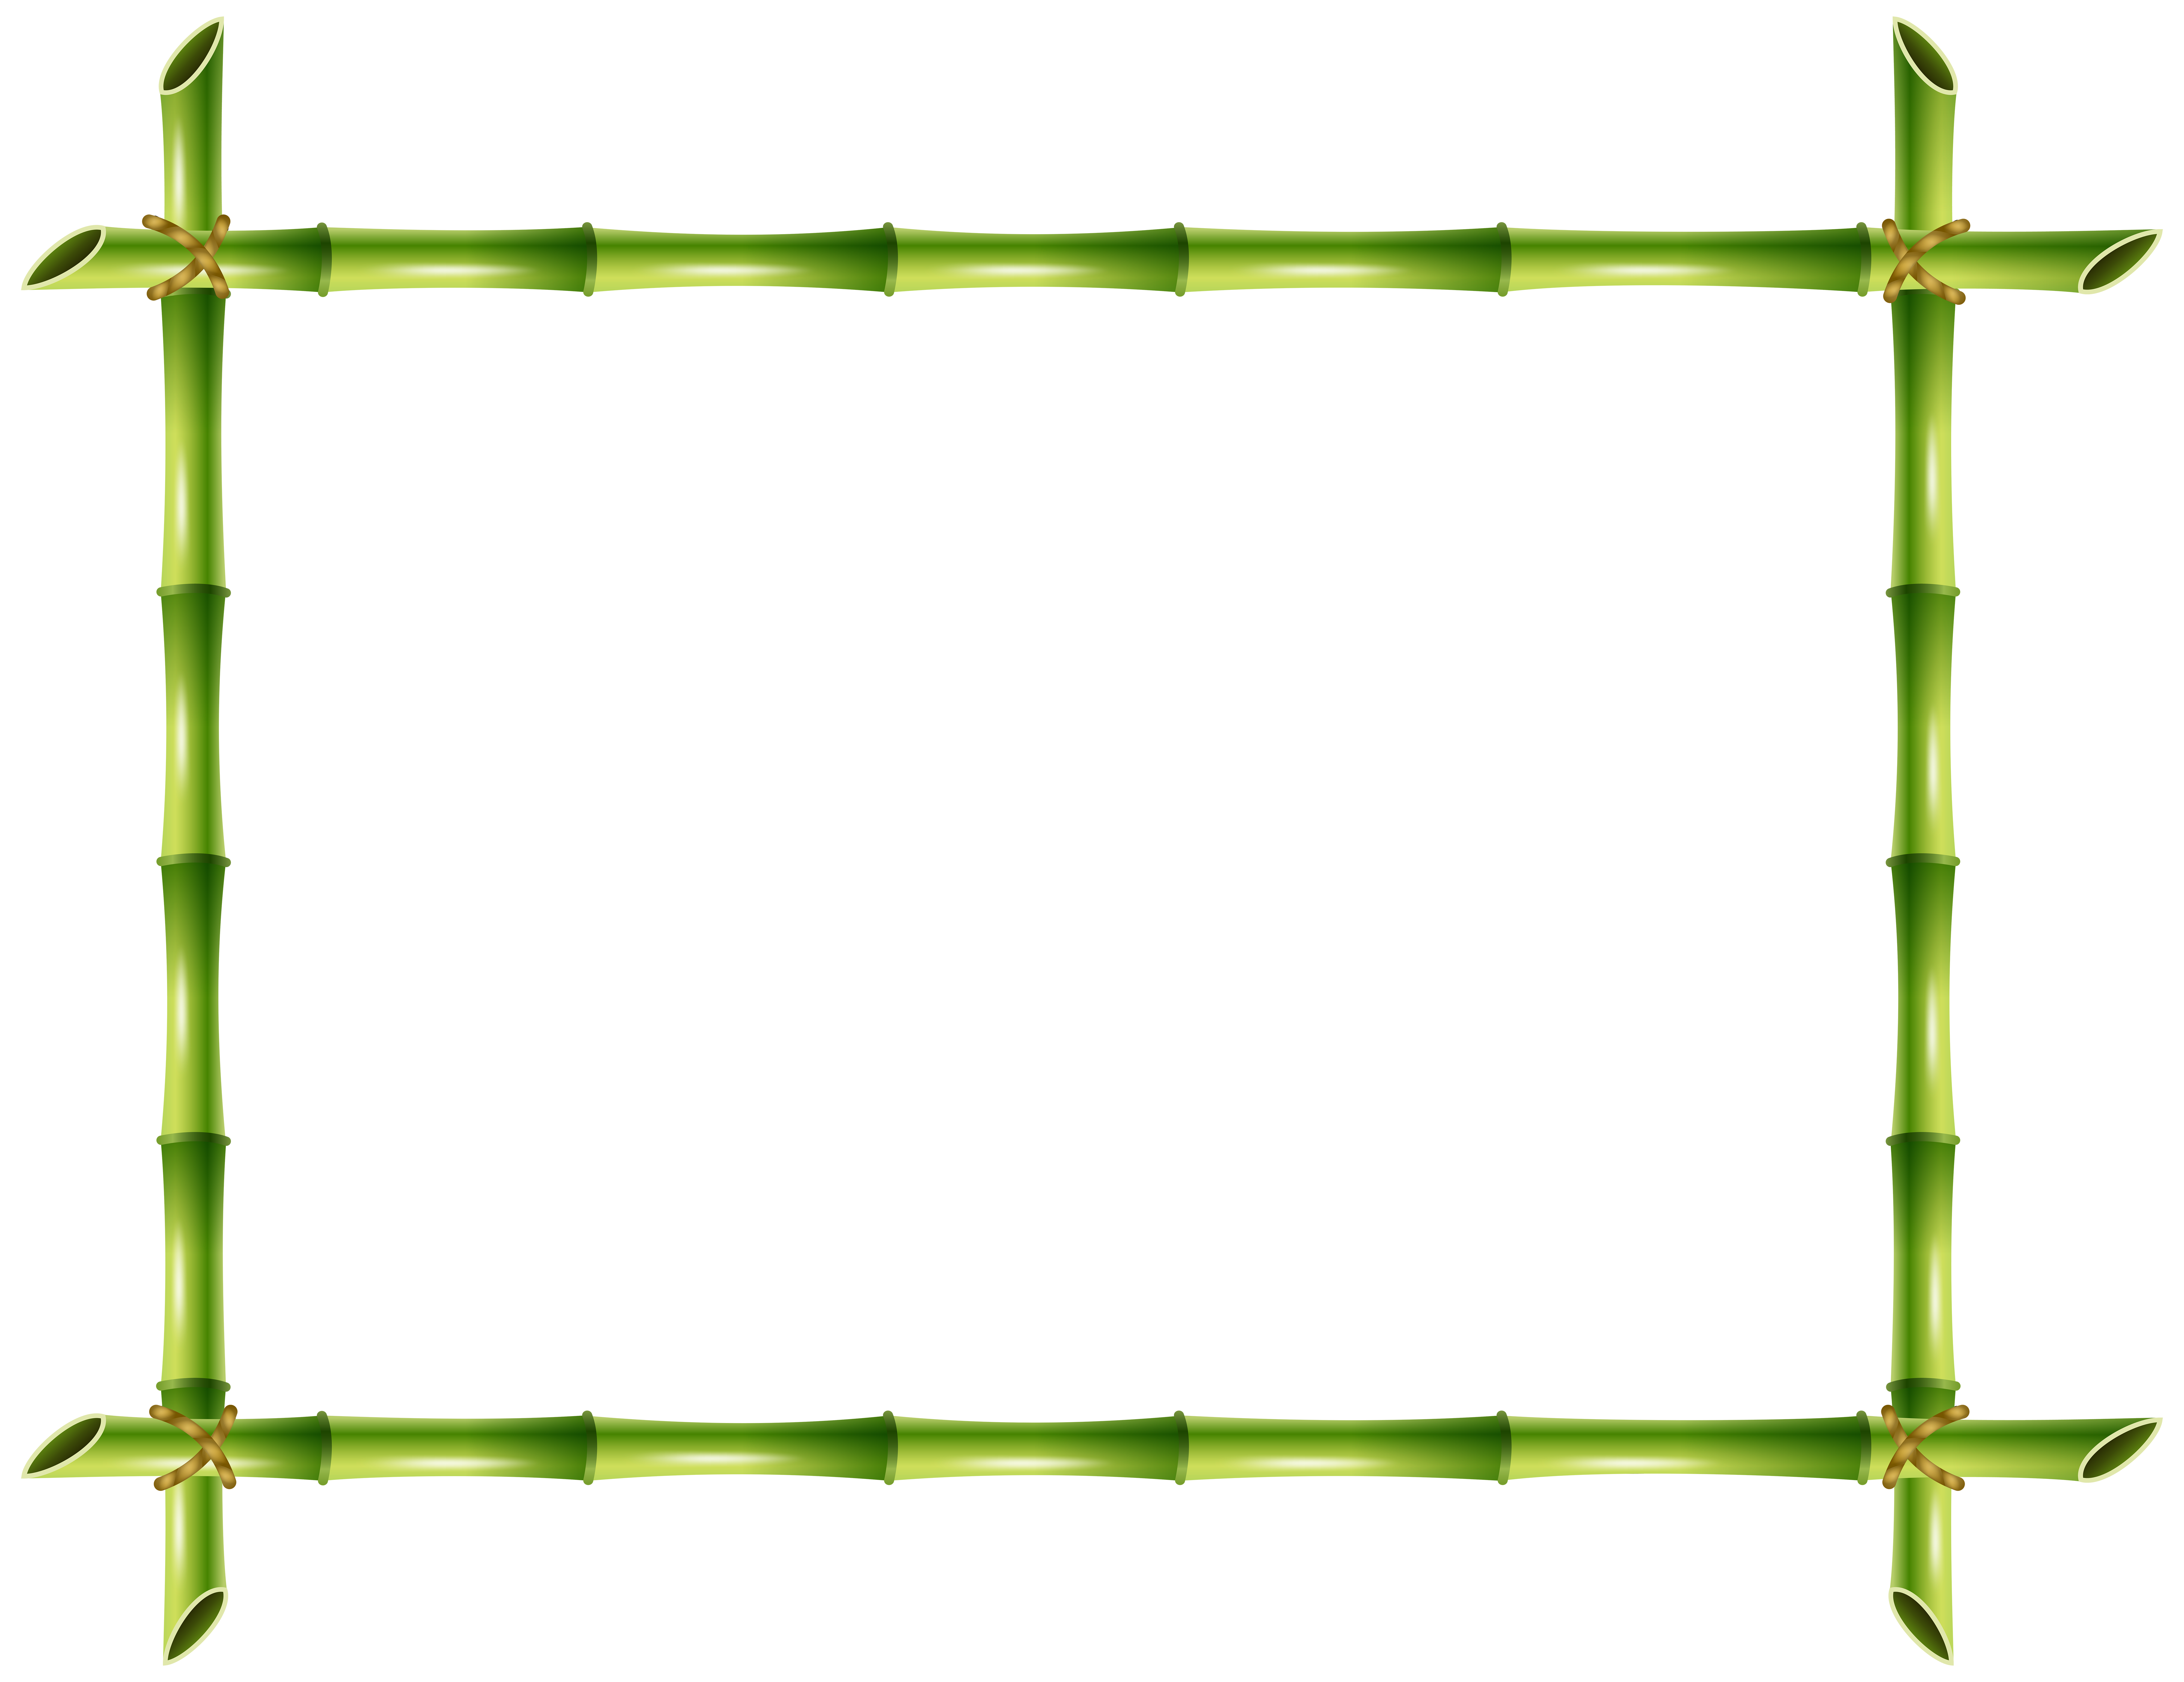 Frame png transparent clip. Clipart panda bamboo stick